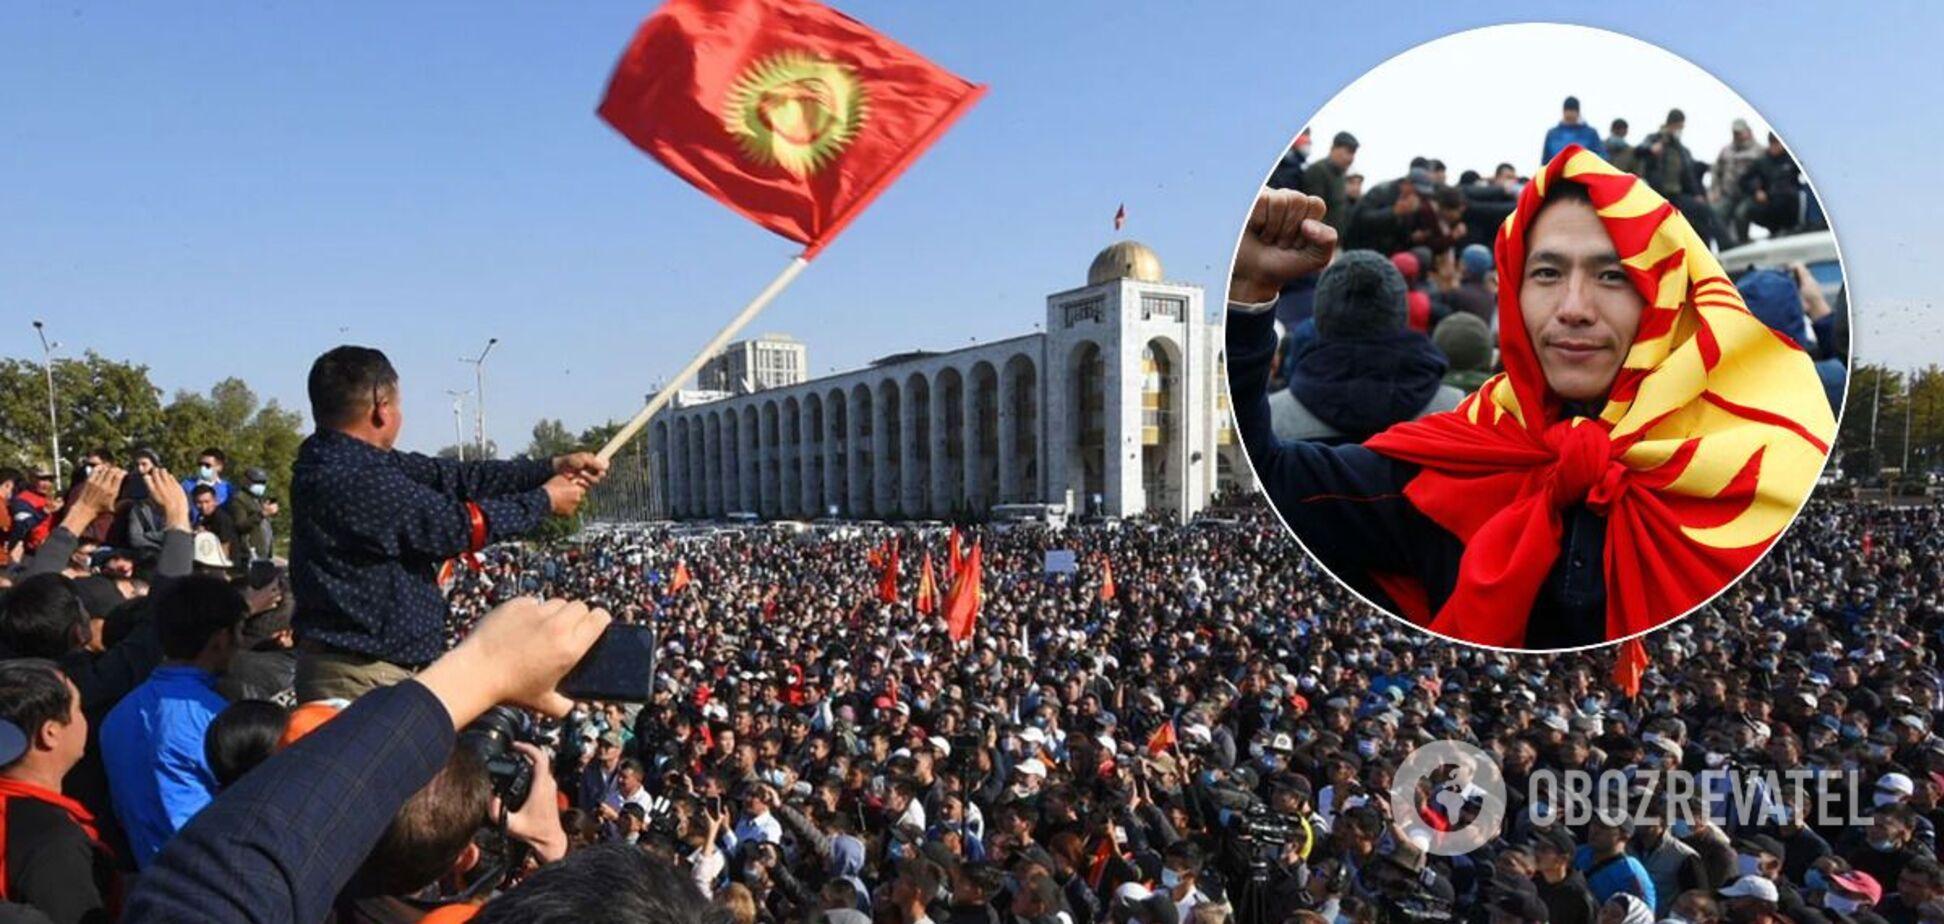 Протести в Киргизстані після виборів